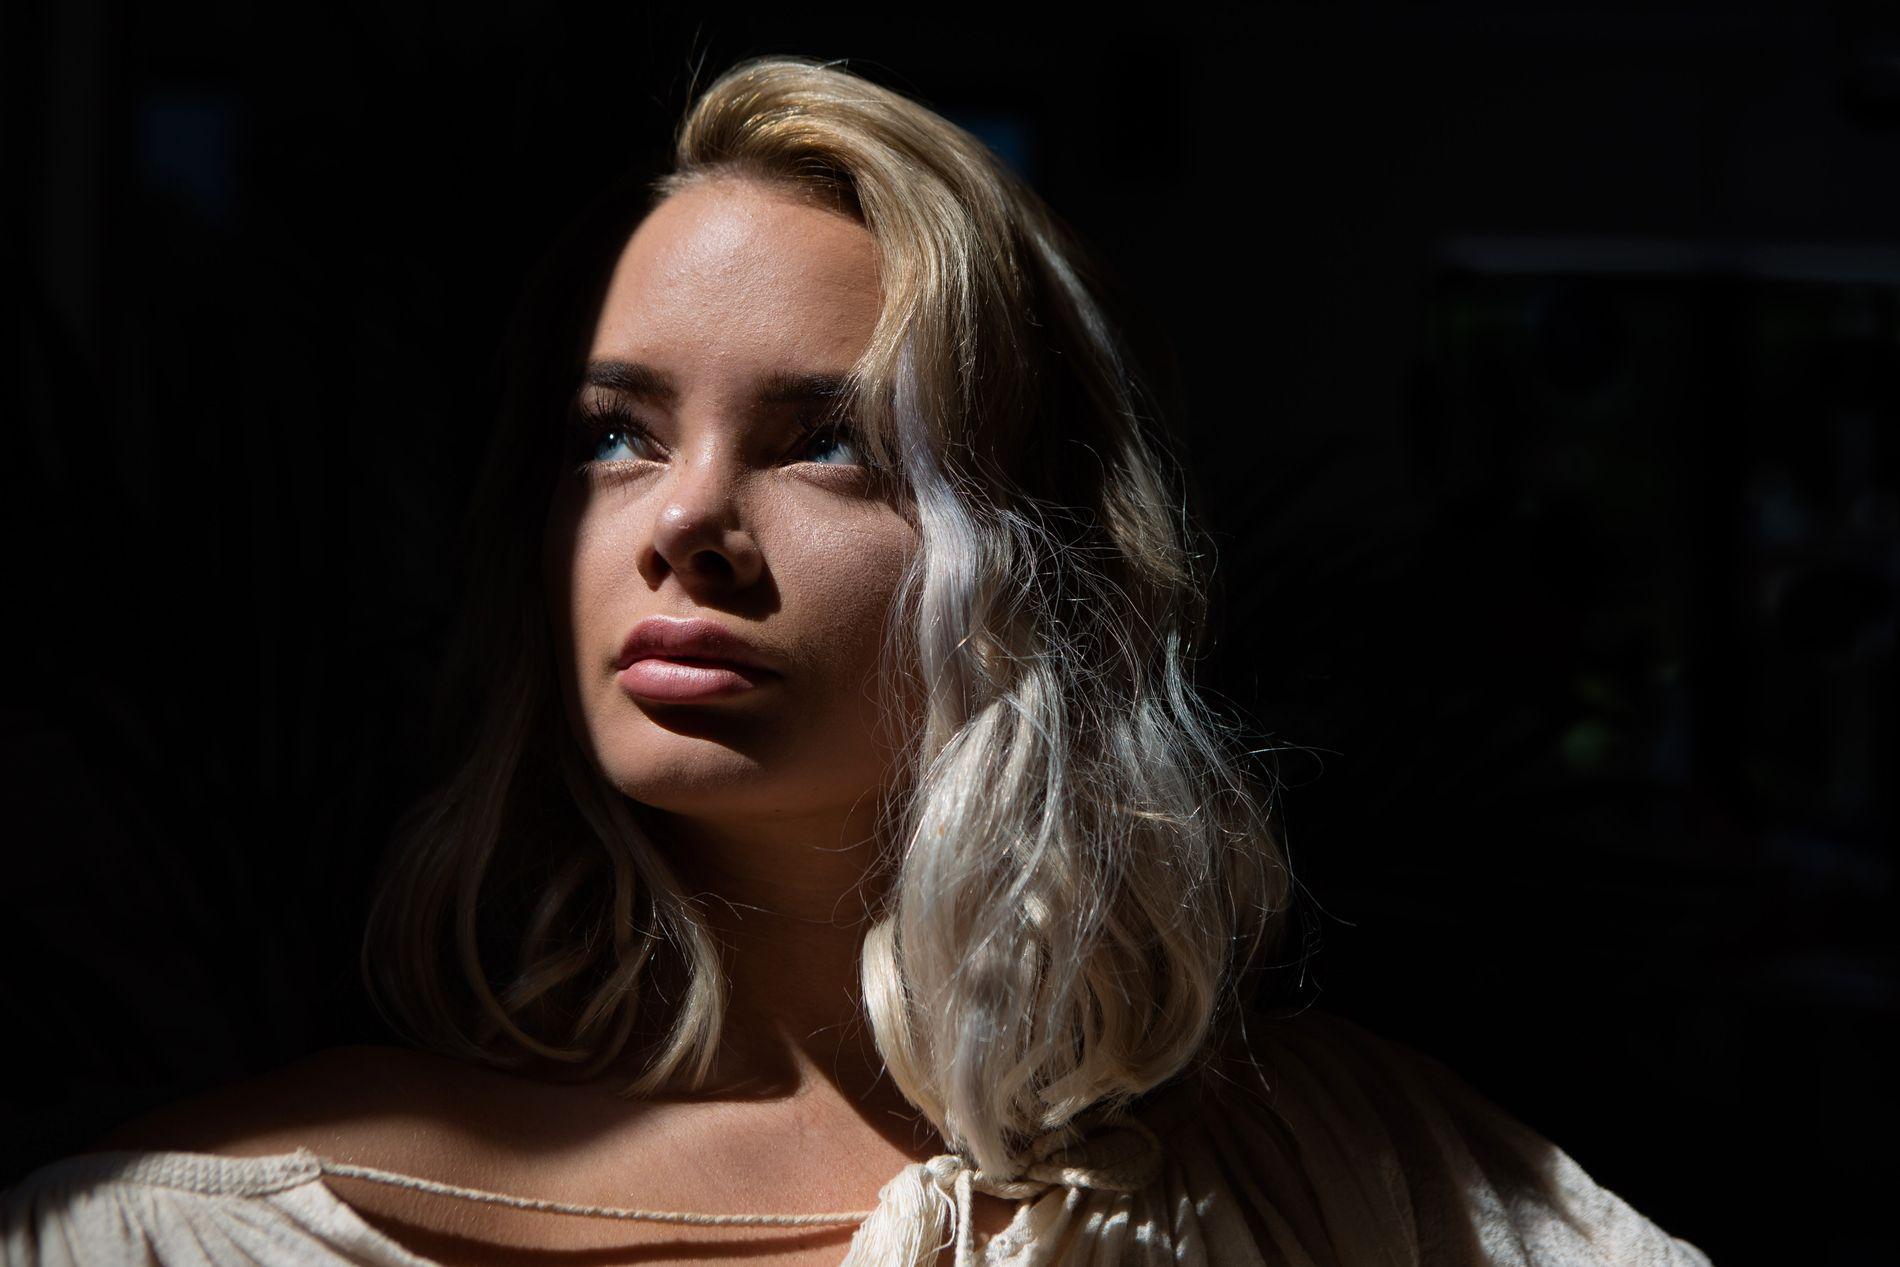 ÅPENHJERTIG: Sophie Elise Isachsen (21) snakker ut for å rette søkelys på et økende samfunnsproblem.